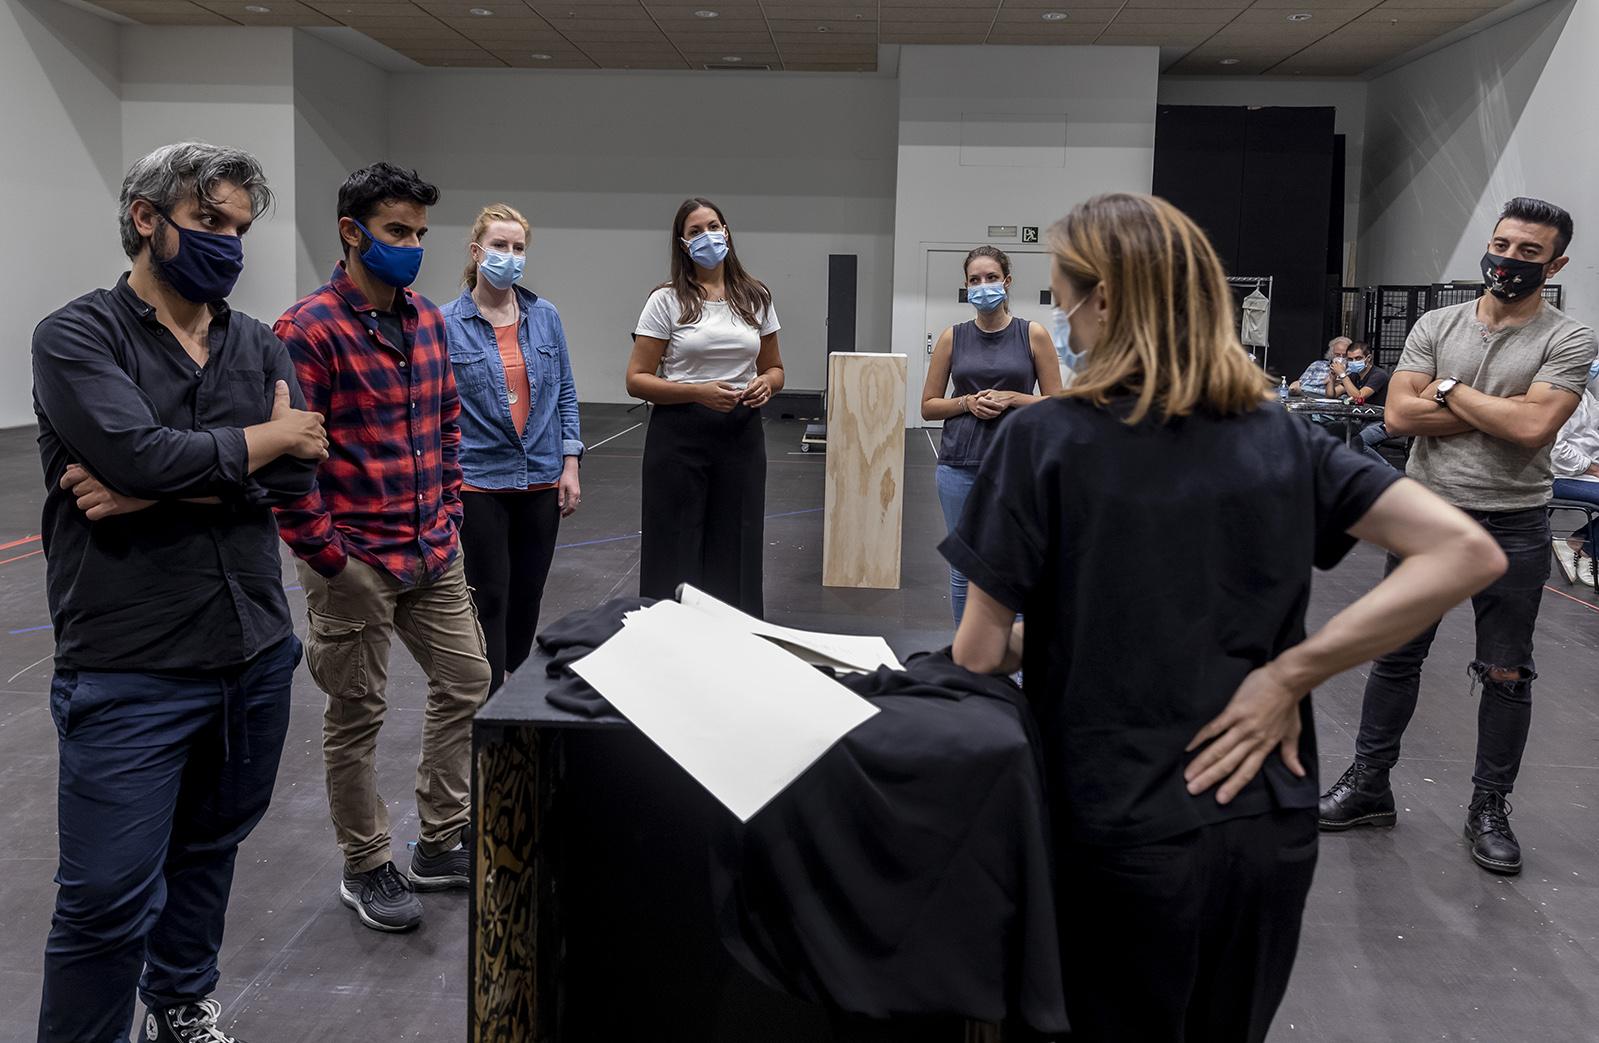 """Les Arts reuneix les joves estreles del repertori mozartià en el muntatge de """"Così fan tutte"""" que inaugura la temporada 2020-2021"""